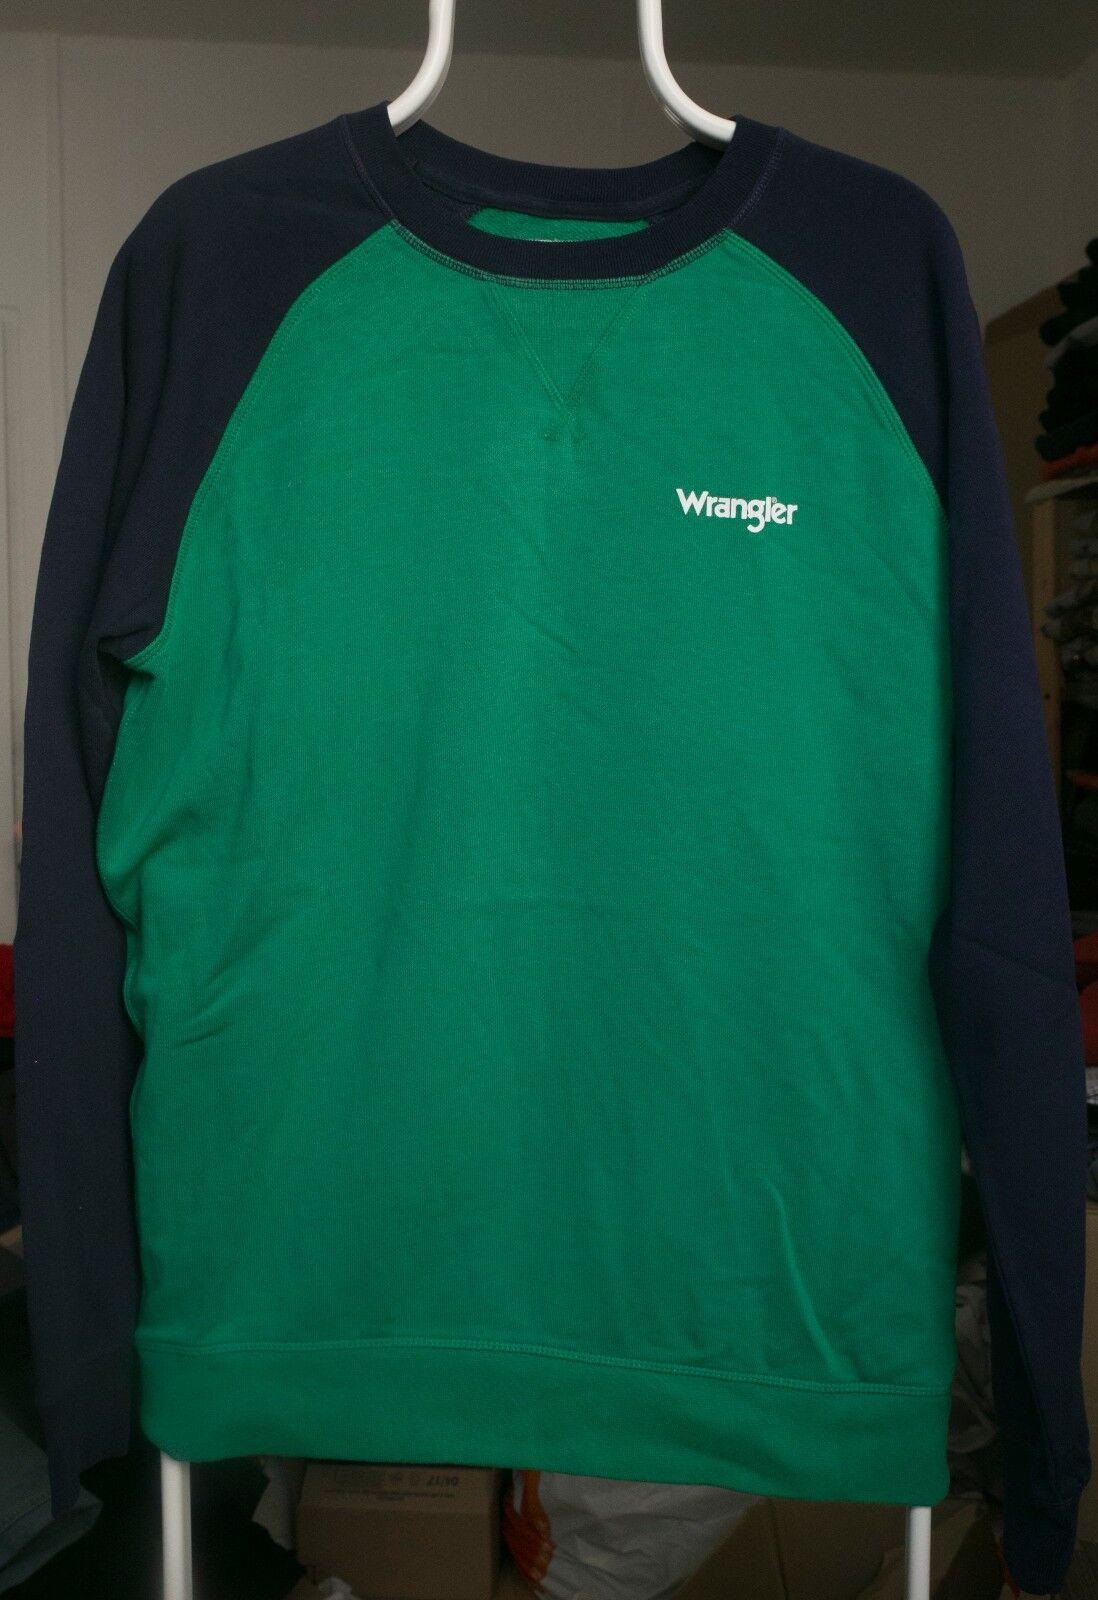 Wrangler RAGLAN SWEAT Sweatshirt amazon Grün Grün Blau Größe XXL